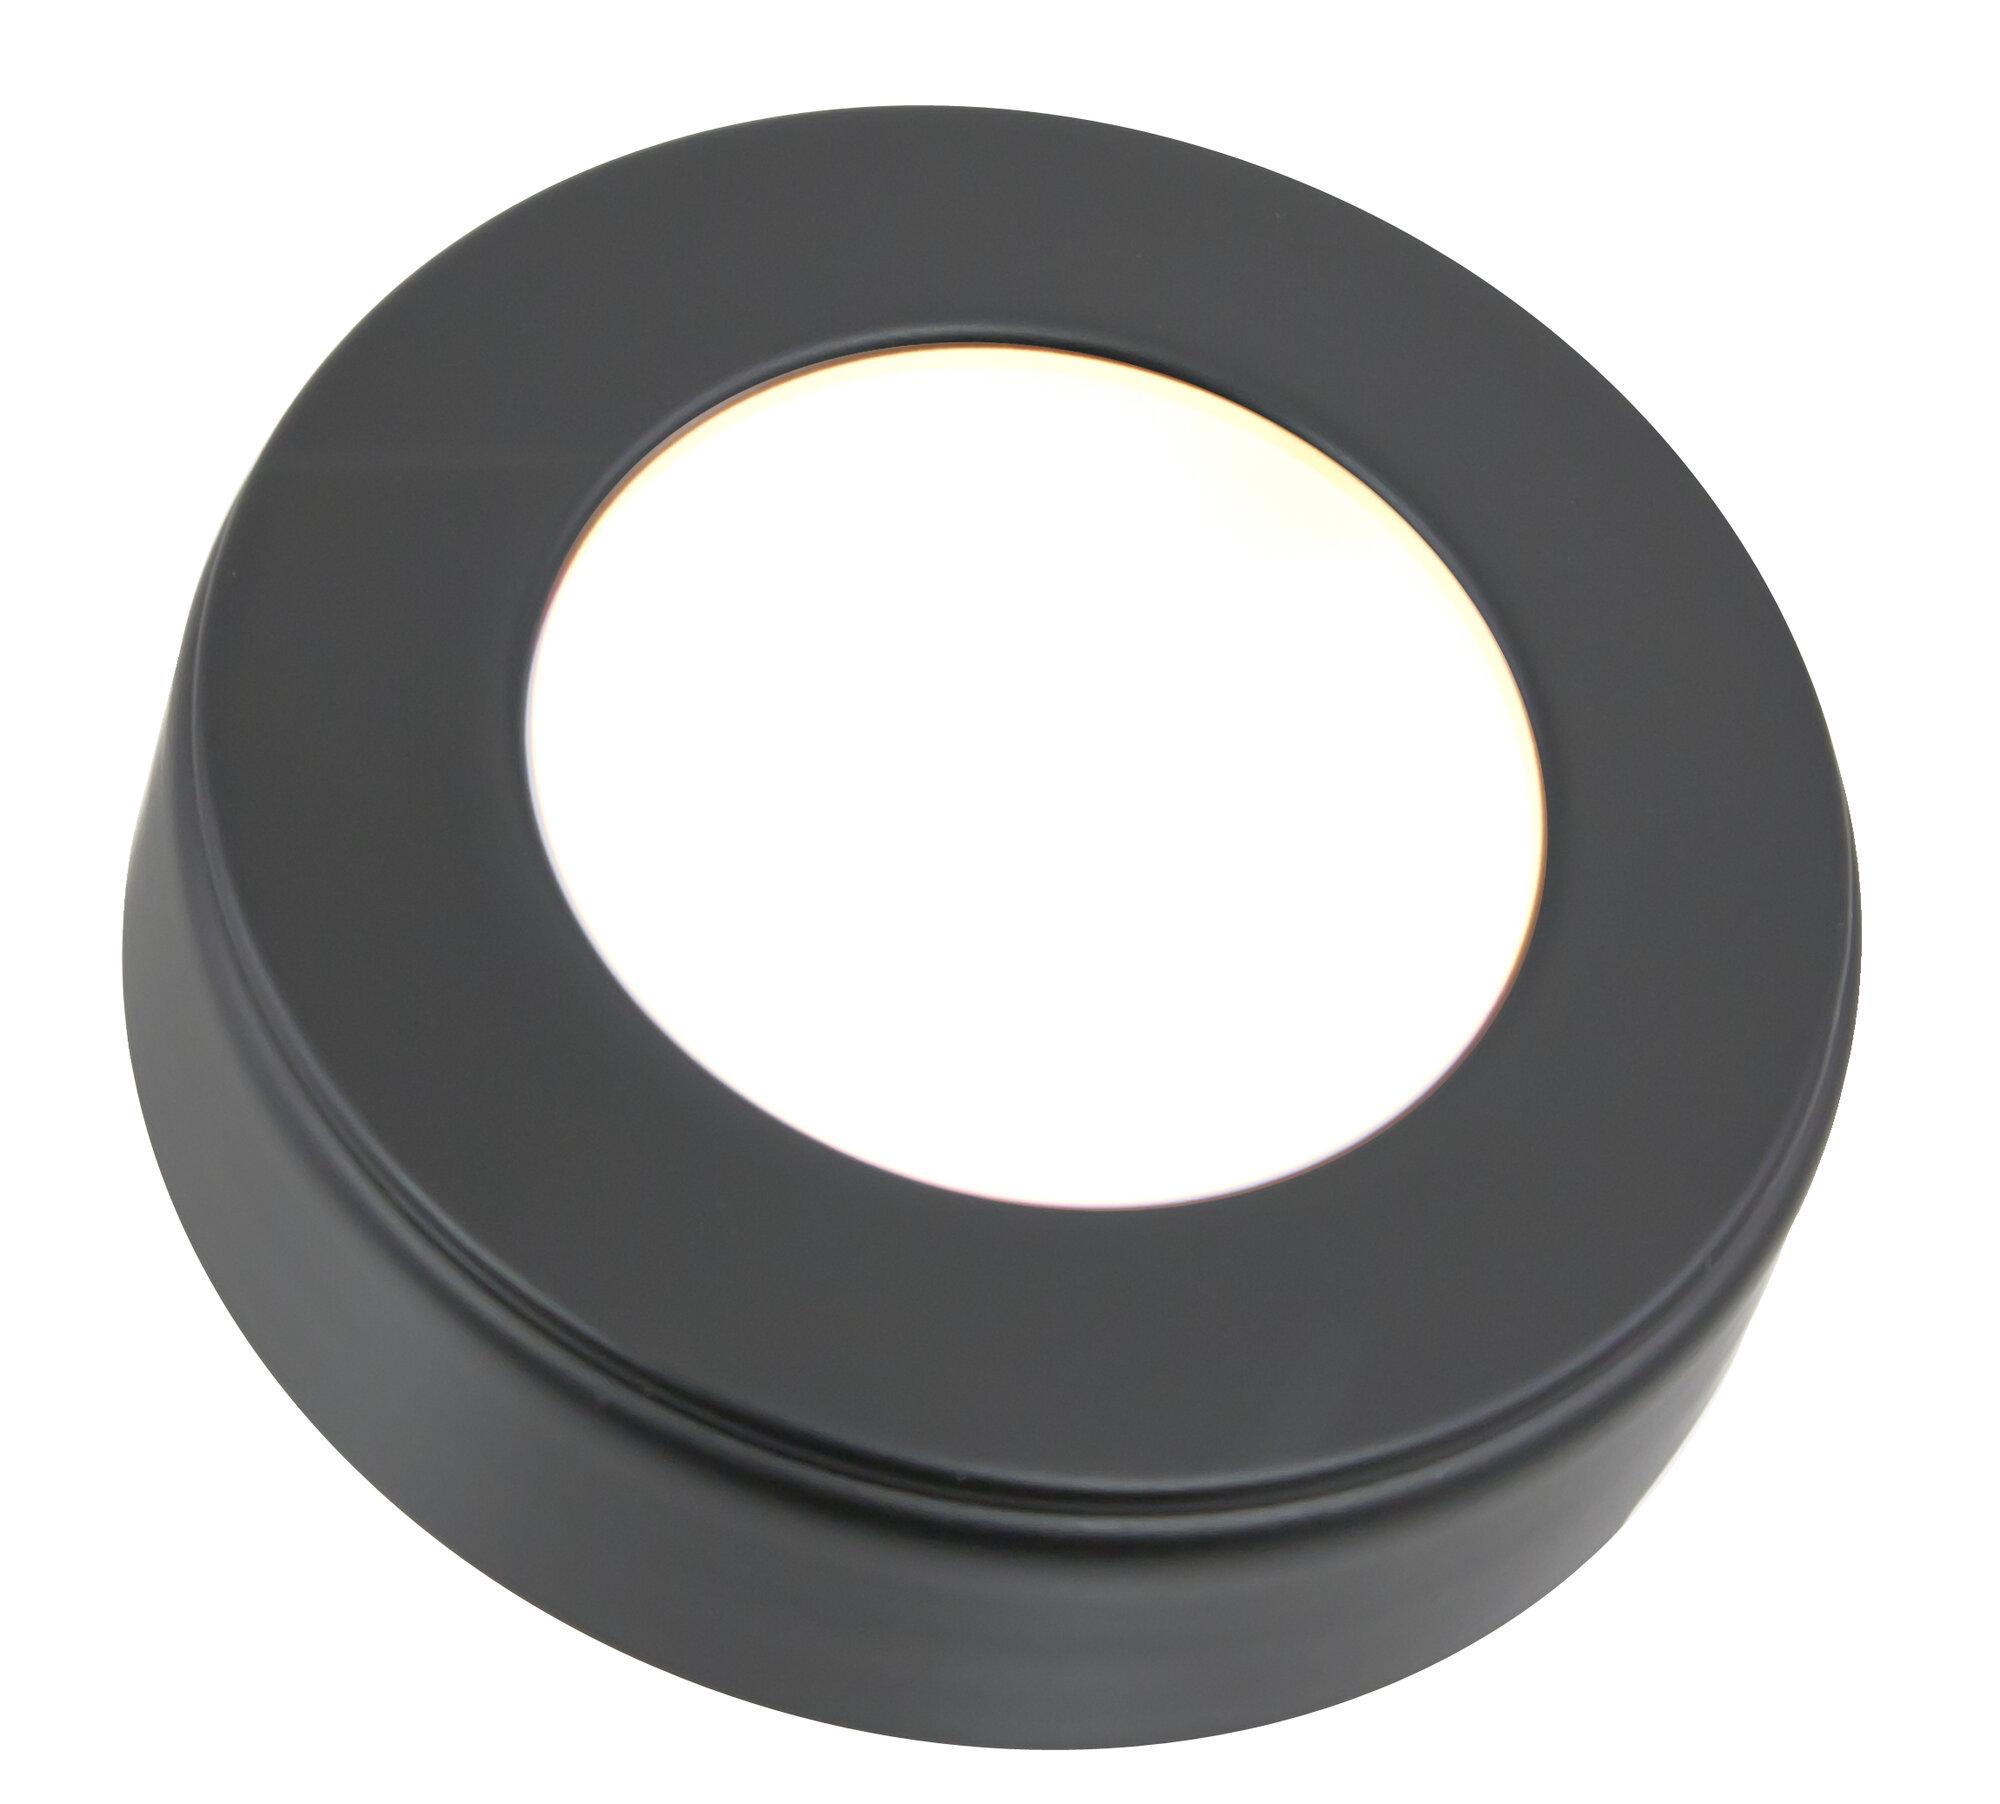 american lighting llc omni led under cabinet puck light. Black Bedroom Furniture Sets. Home Design Ideas